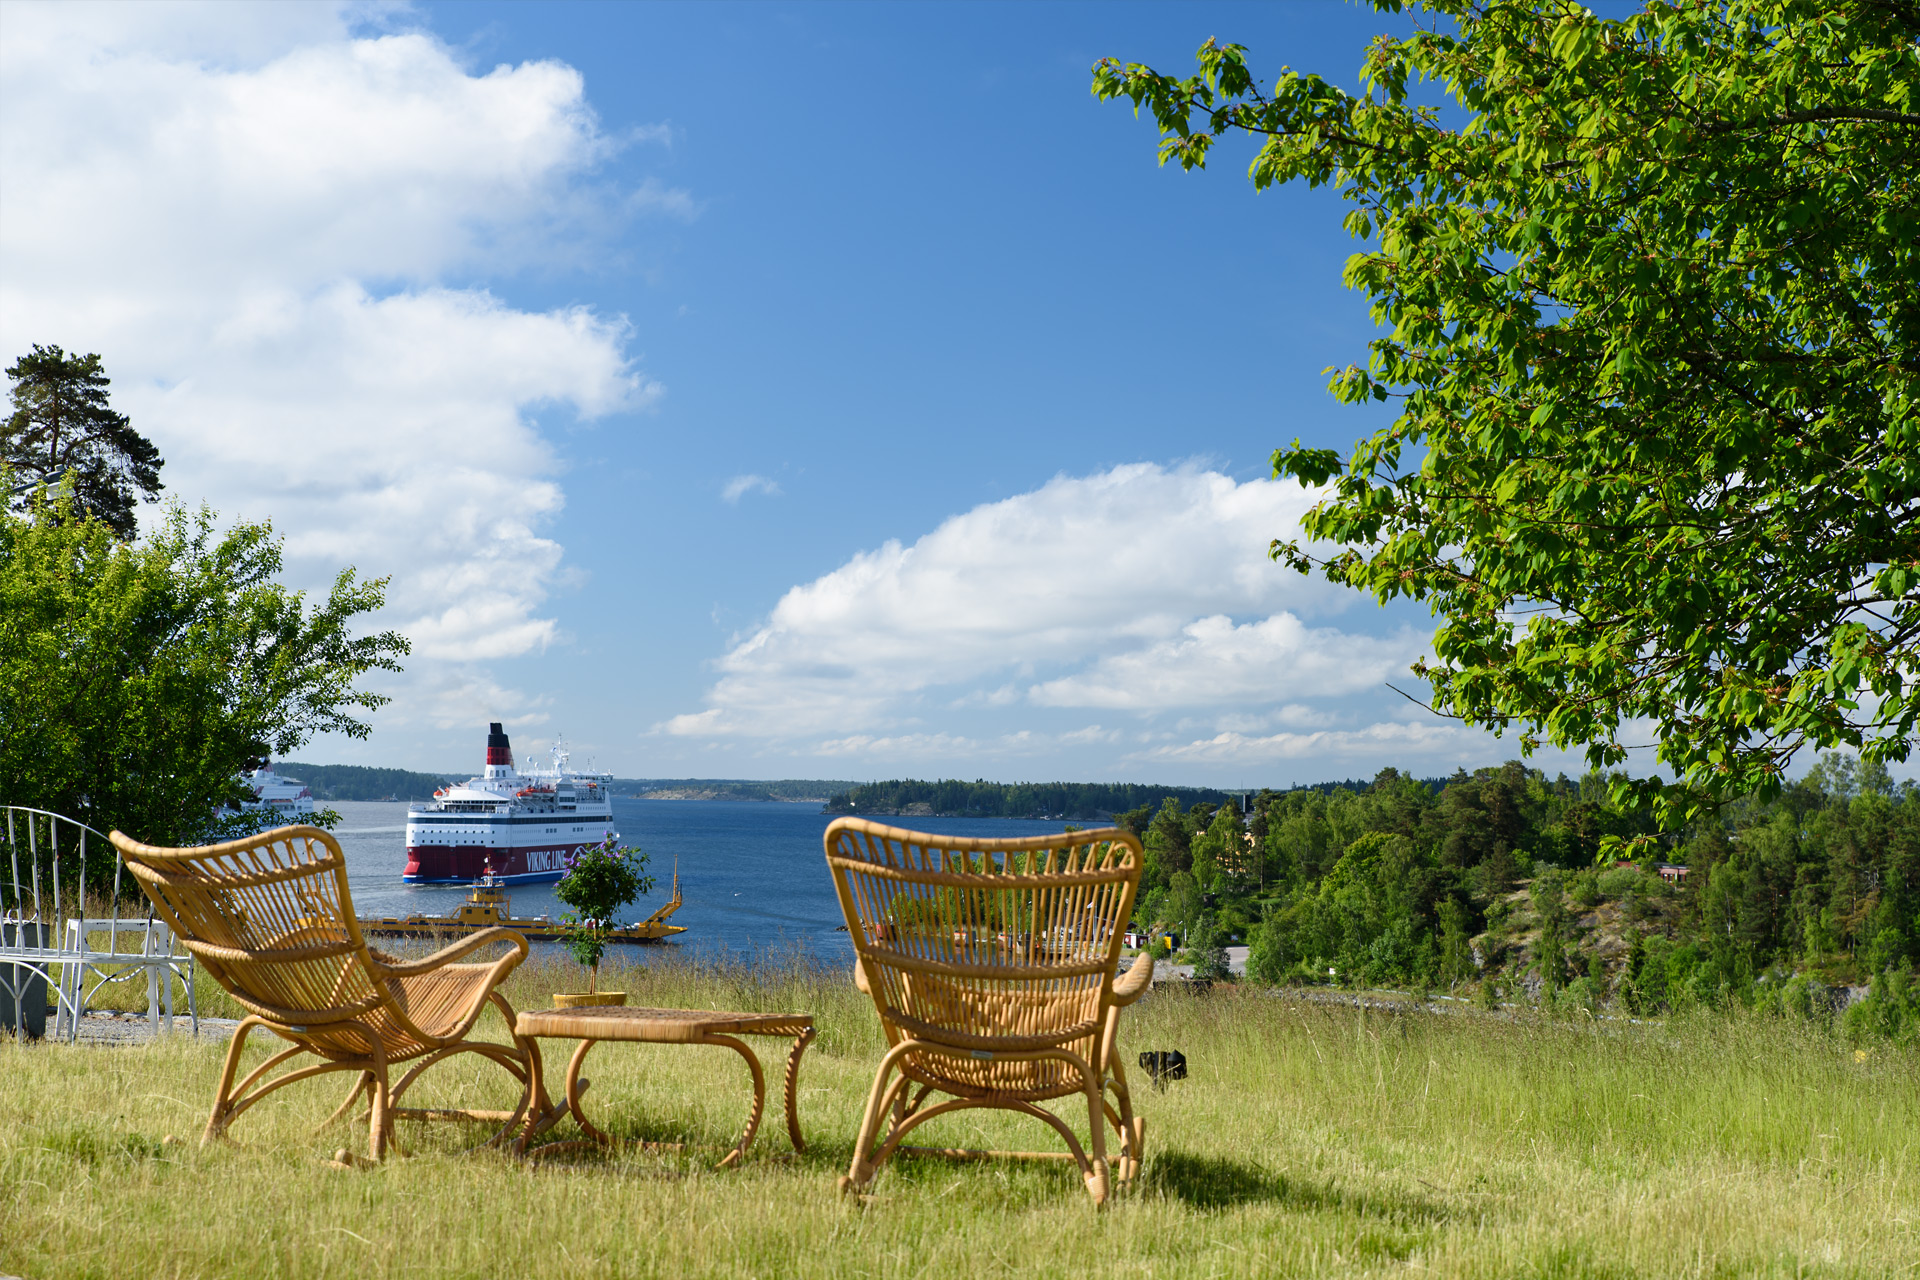 Frühstück mit Ausblick auf vorbeifahrende Schiffe im Hotel Fredriksborg